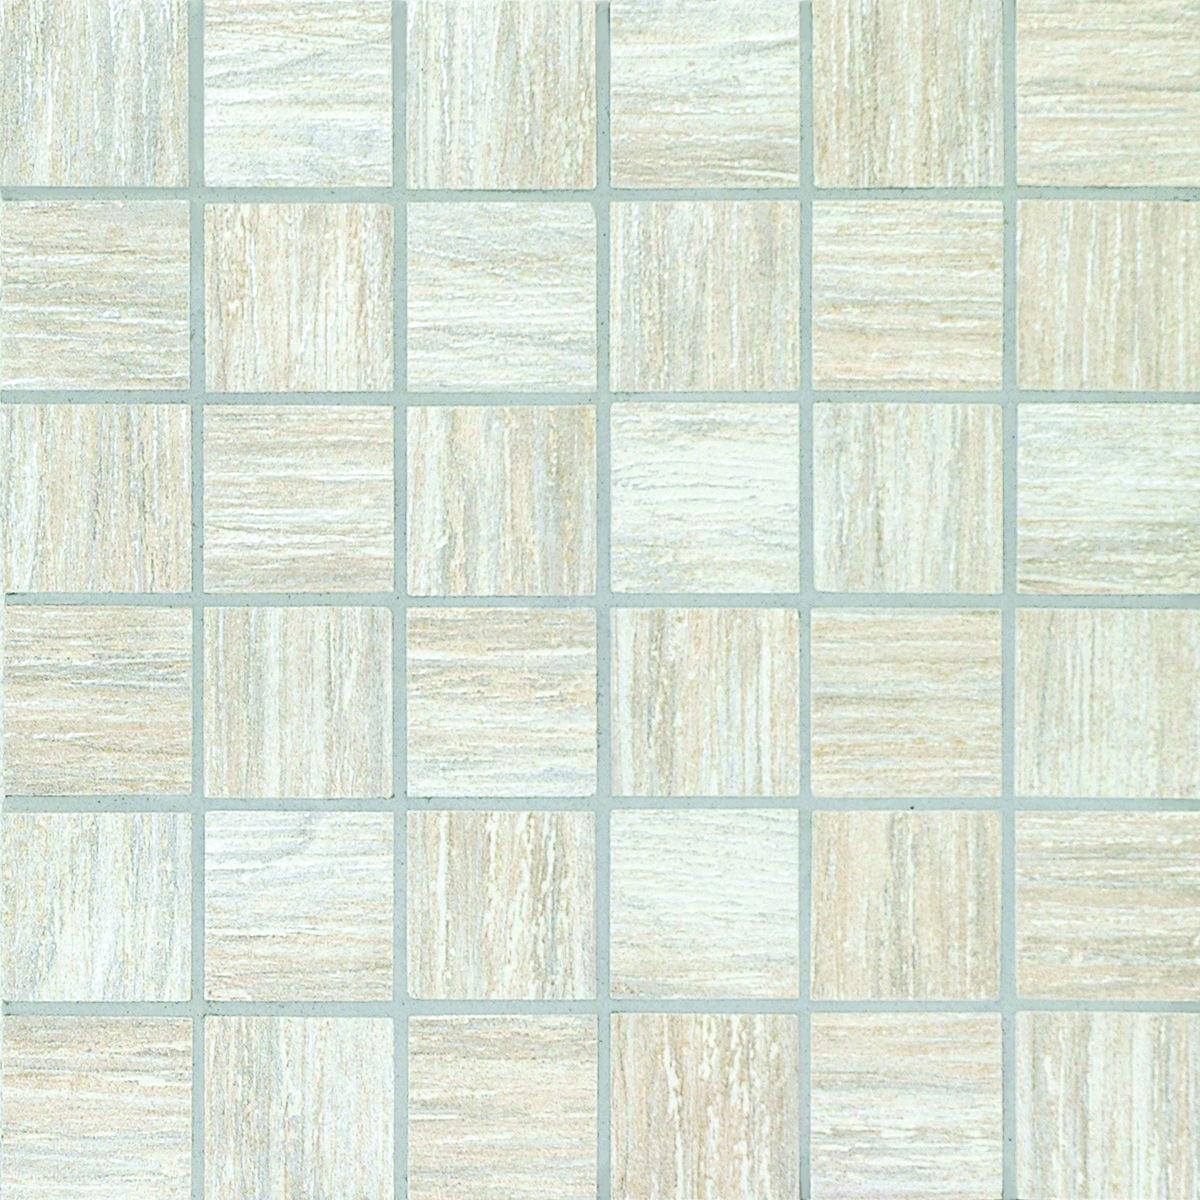 Мозаика Mood Wood silk teak (mqcxp0) изображение 0